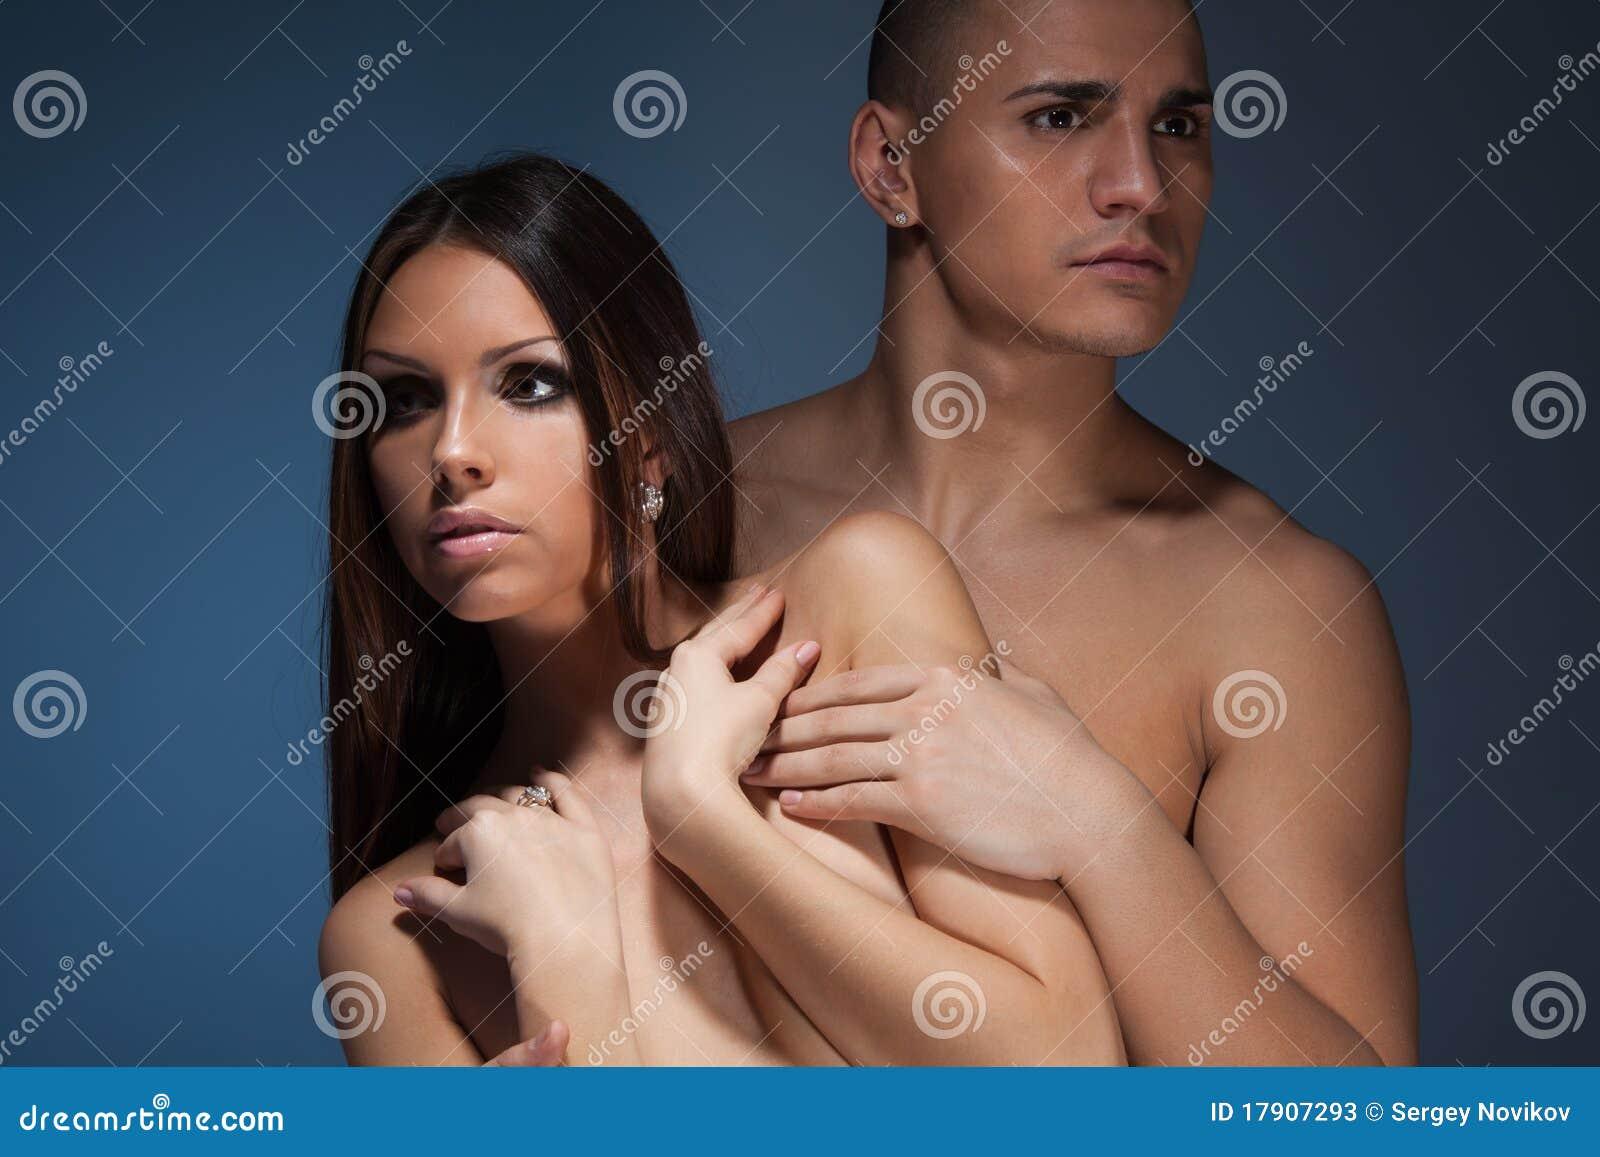 pinay naked nipples